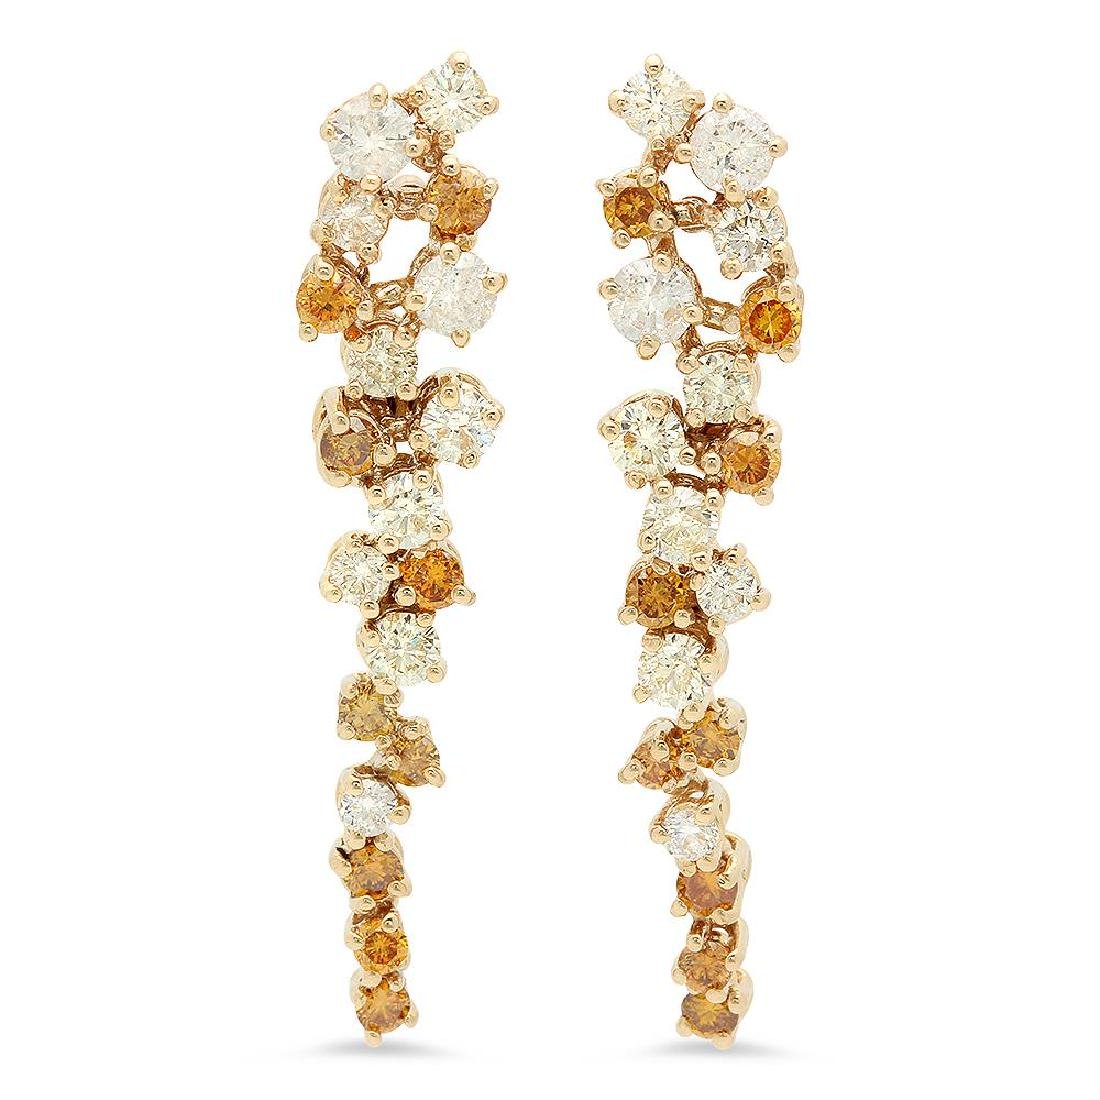 14K Gold 2.20cts Diamond Earrings